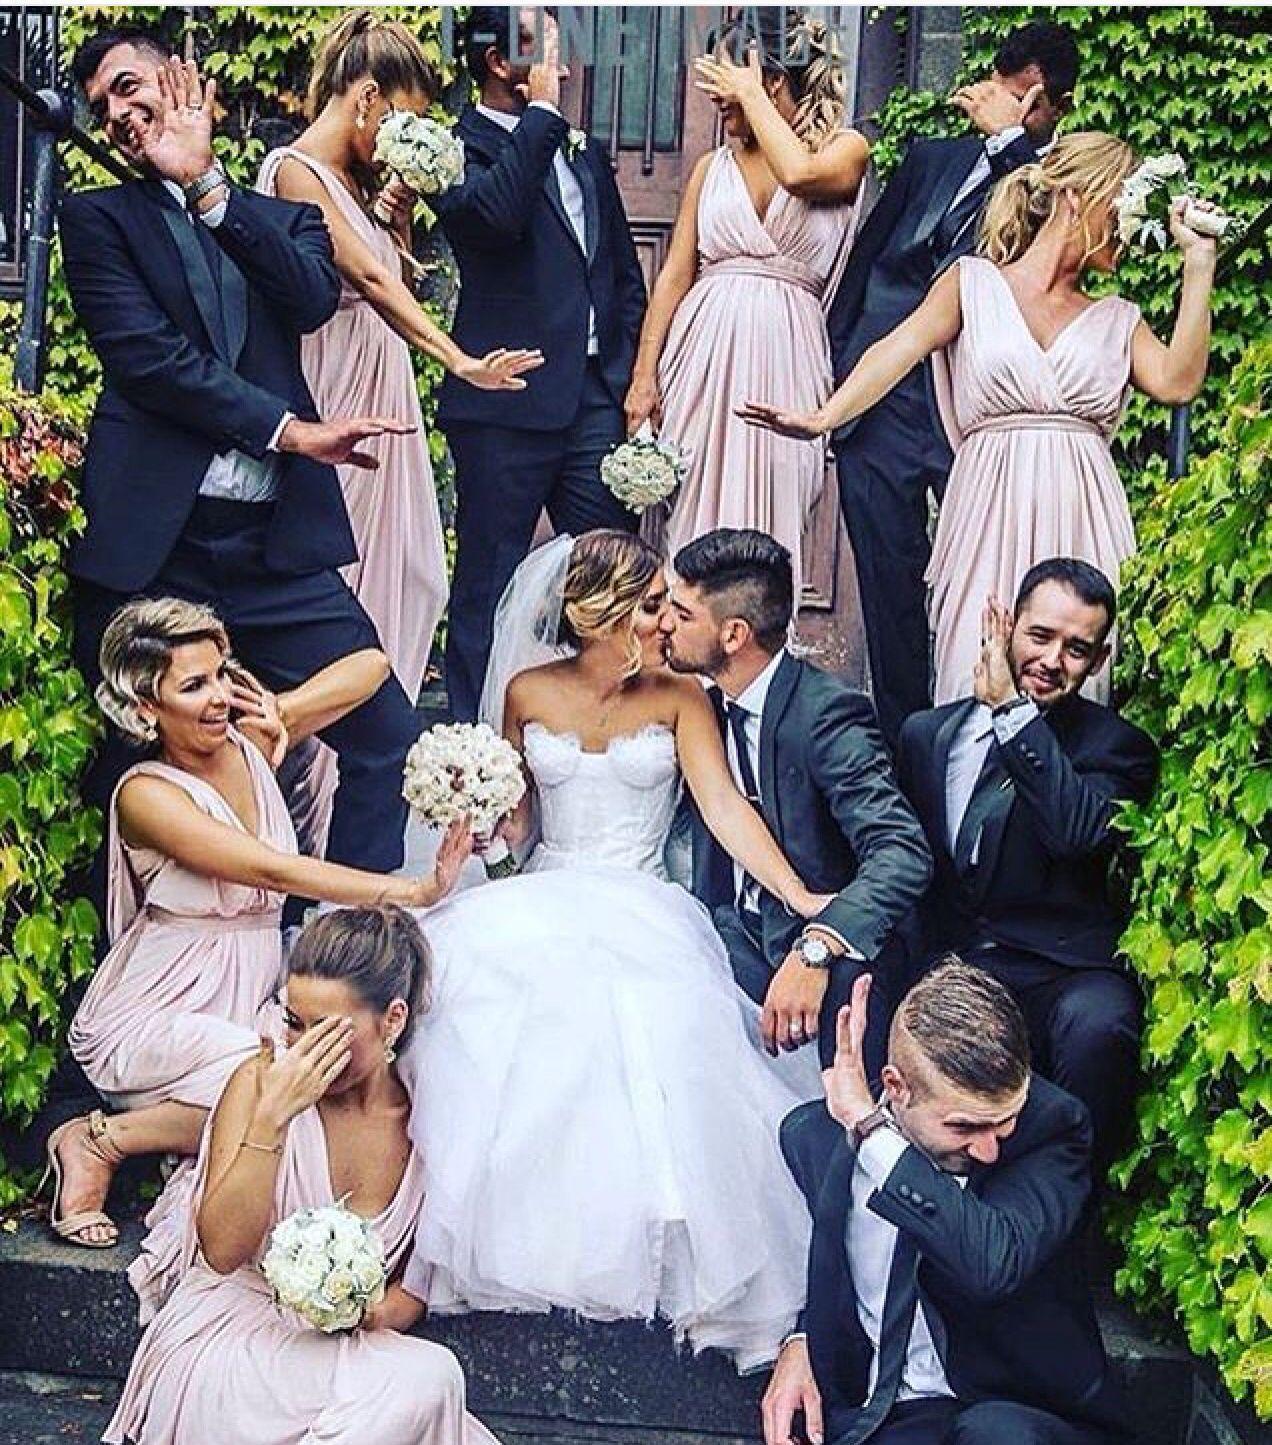 fun wedding photo idea fotoideen pinterest hochzeitsfotos hochzeitsfoto idee und. Black Bedroom Furniture Sets. Home Design Ideas